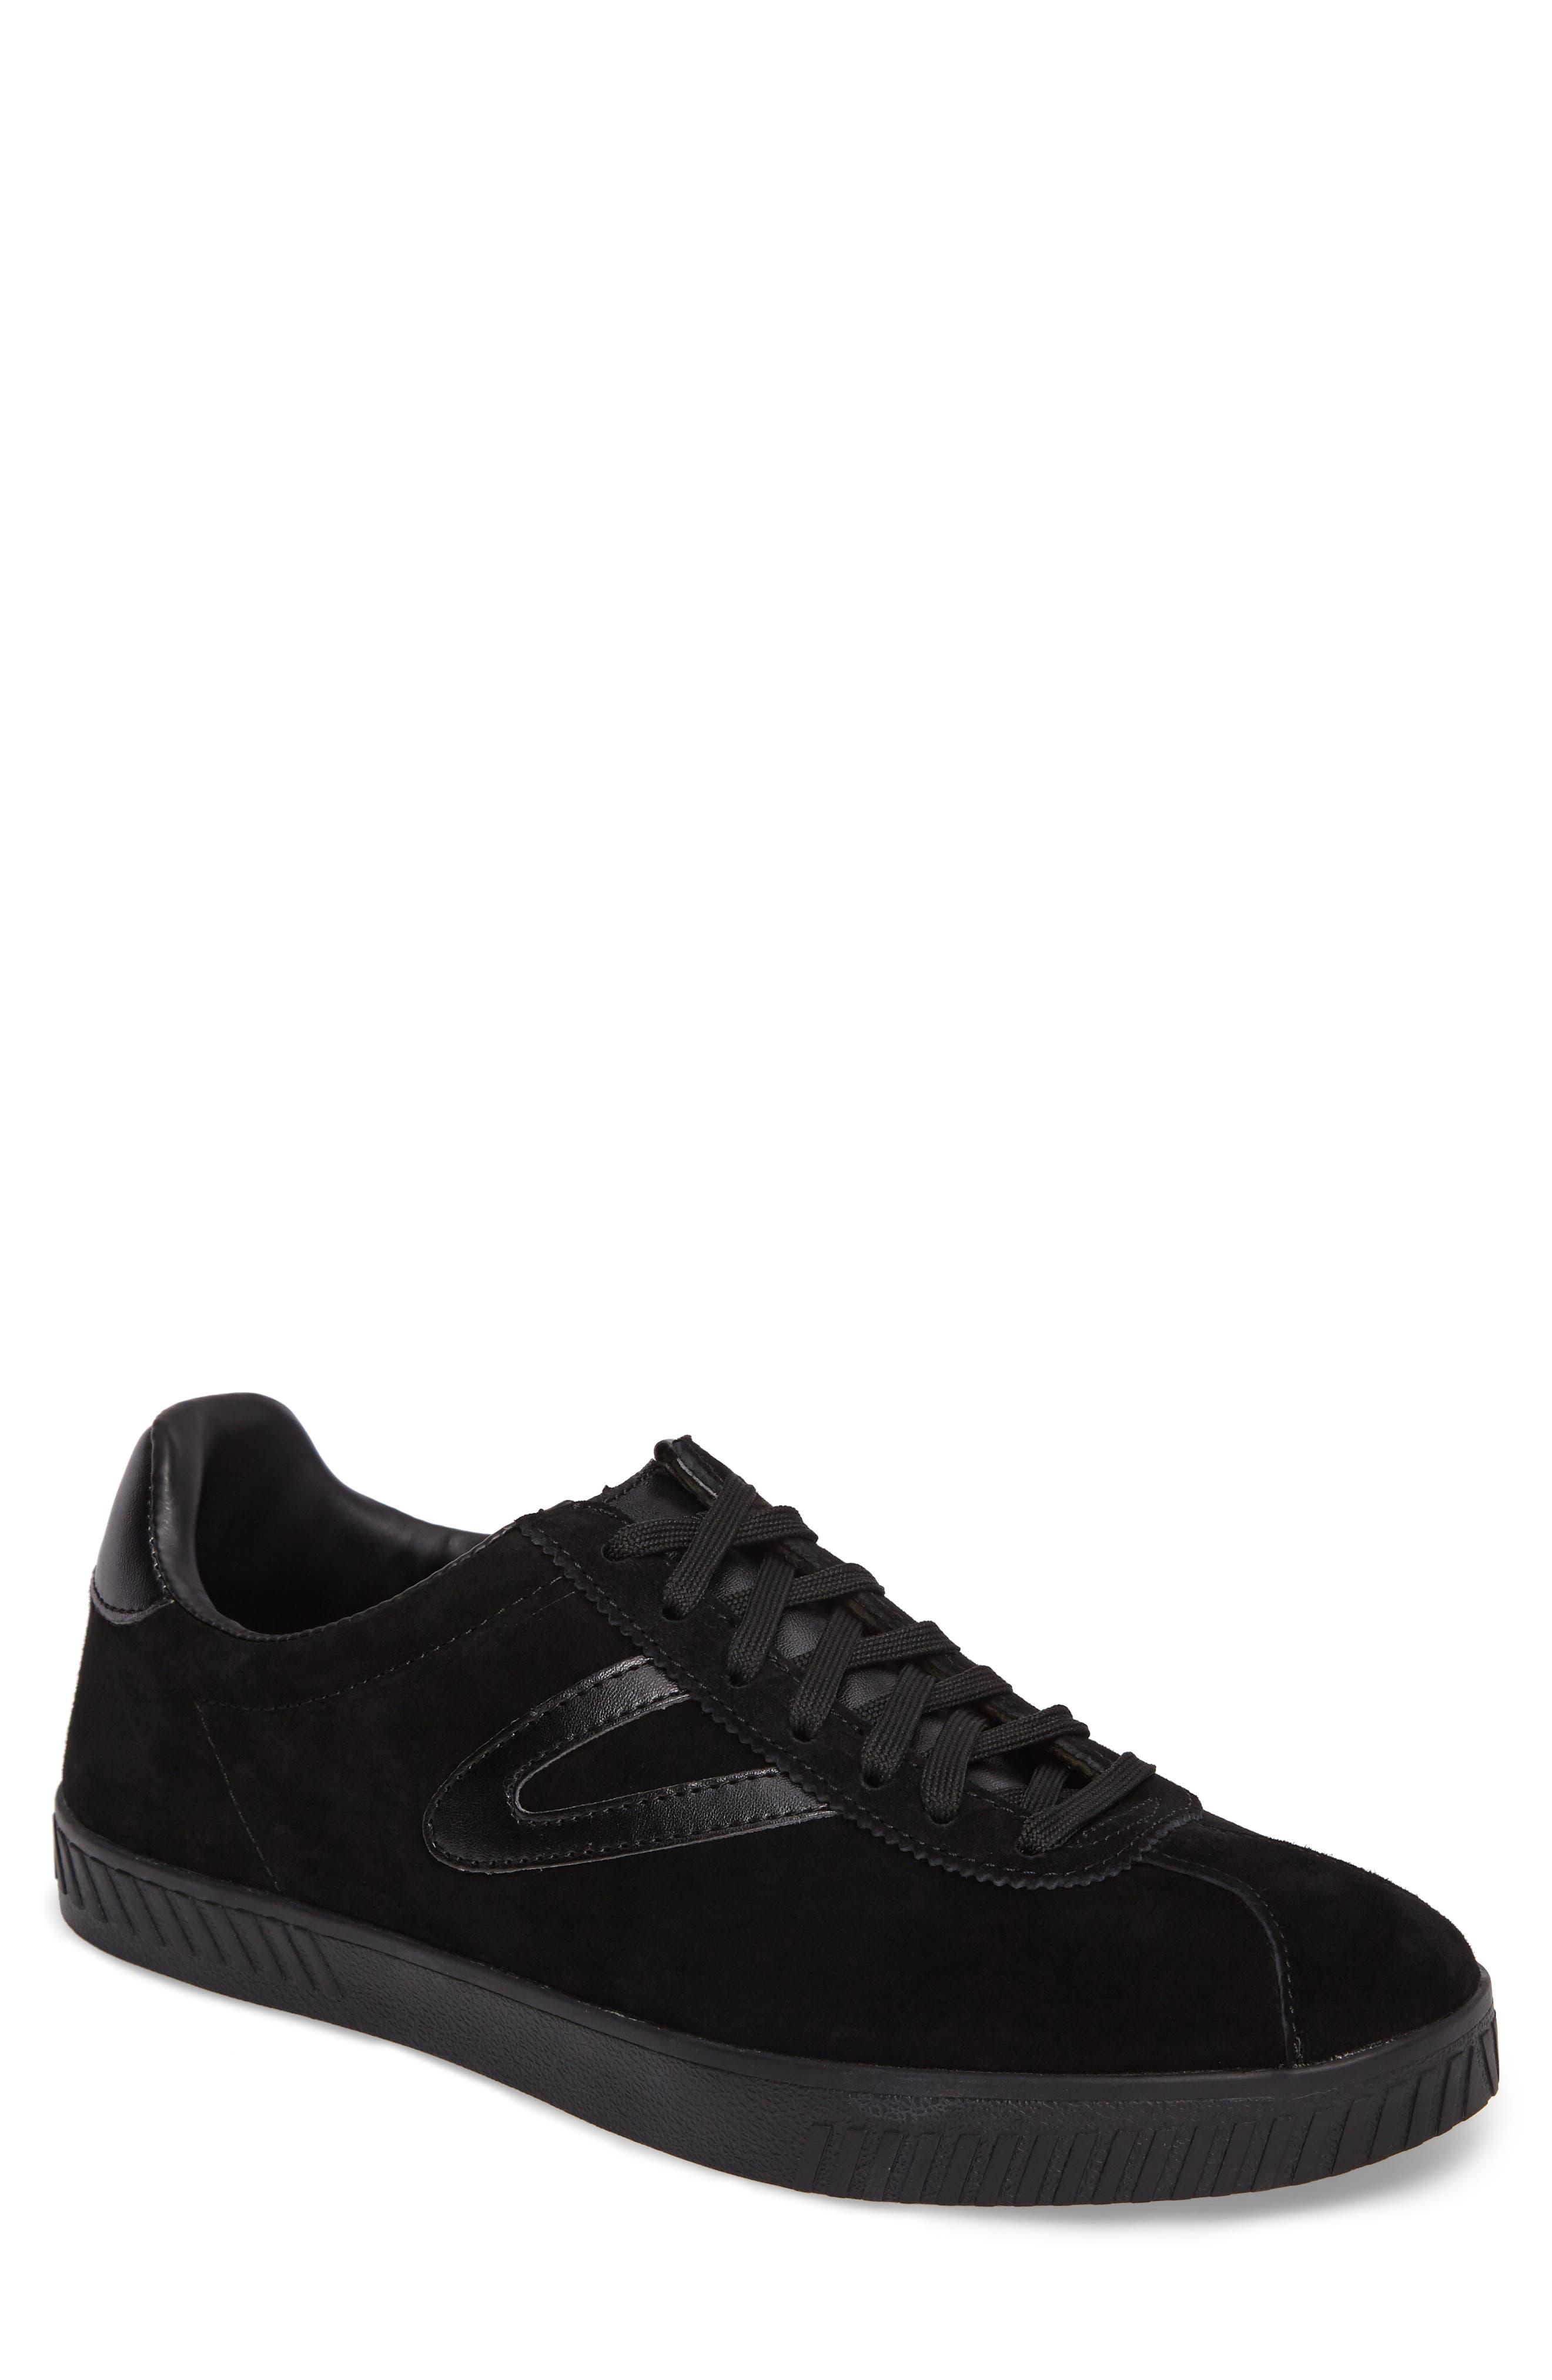 Camden 3 Sneaker,                         Main,                         color, 001